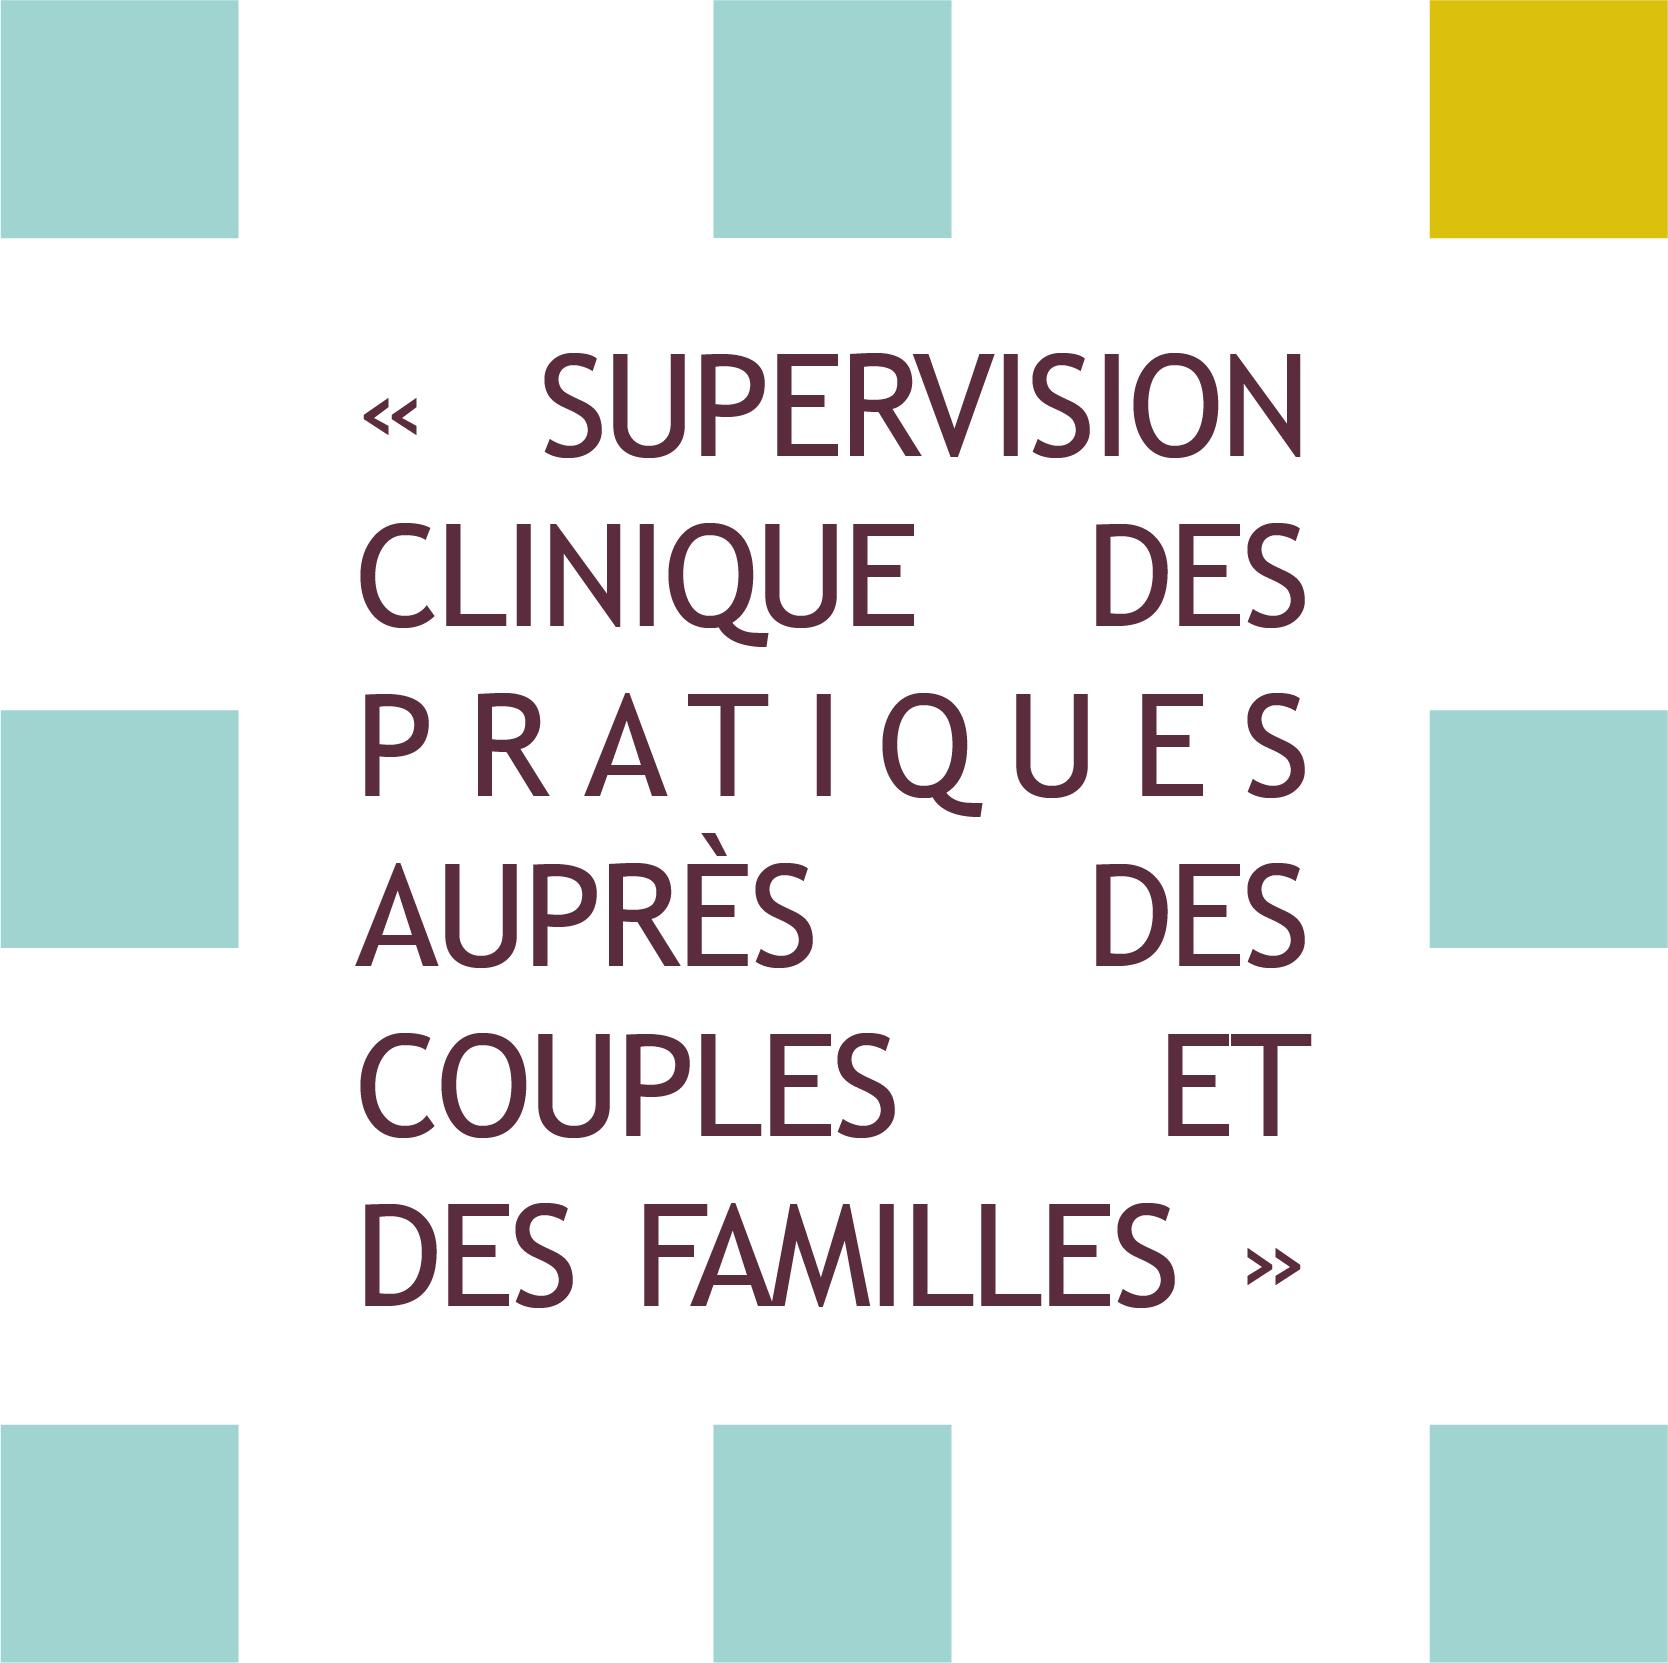 formation supervision clinique des pratiques auprès des couples et des familles